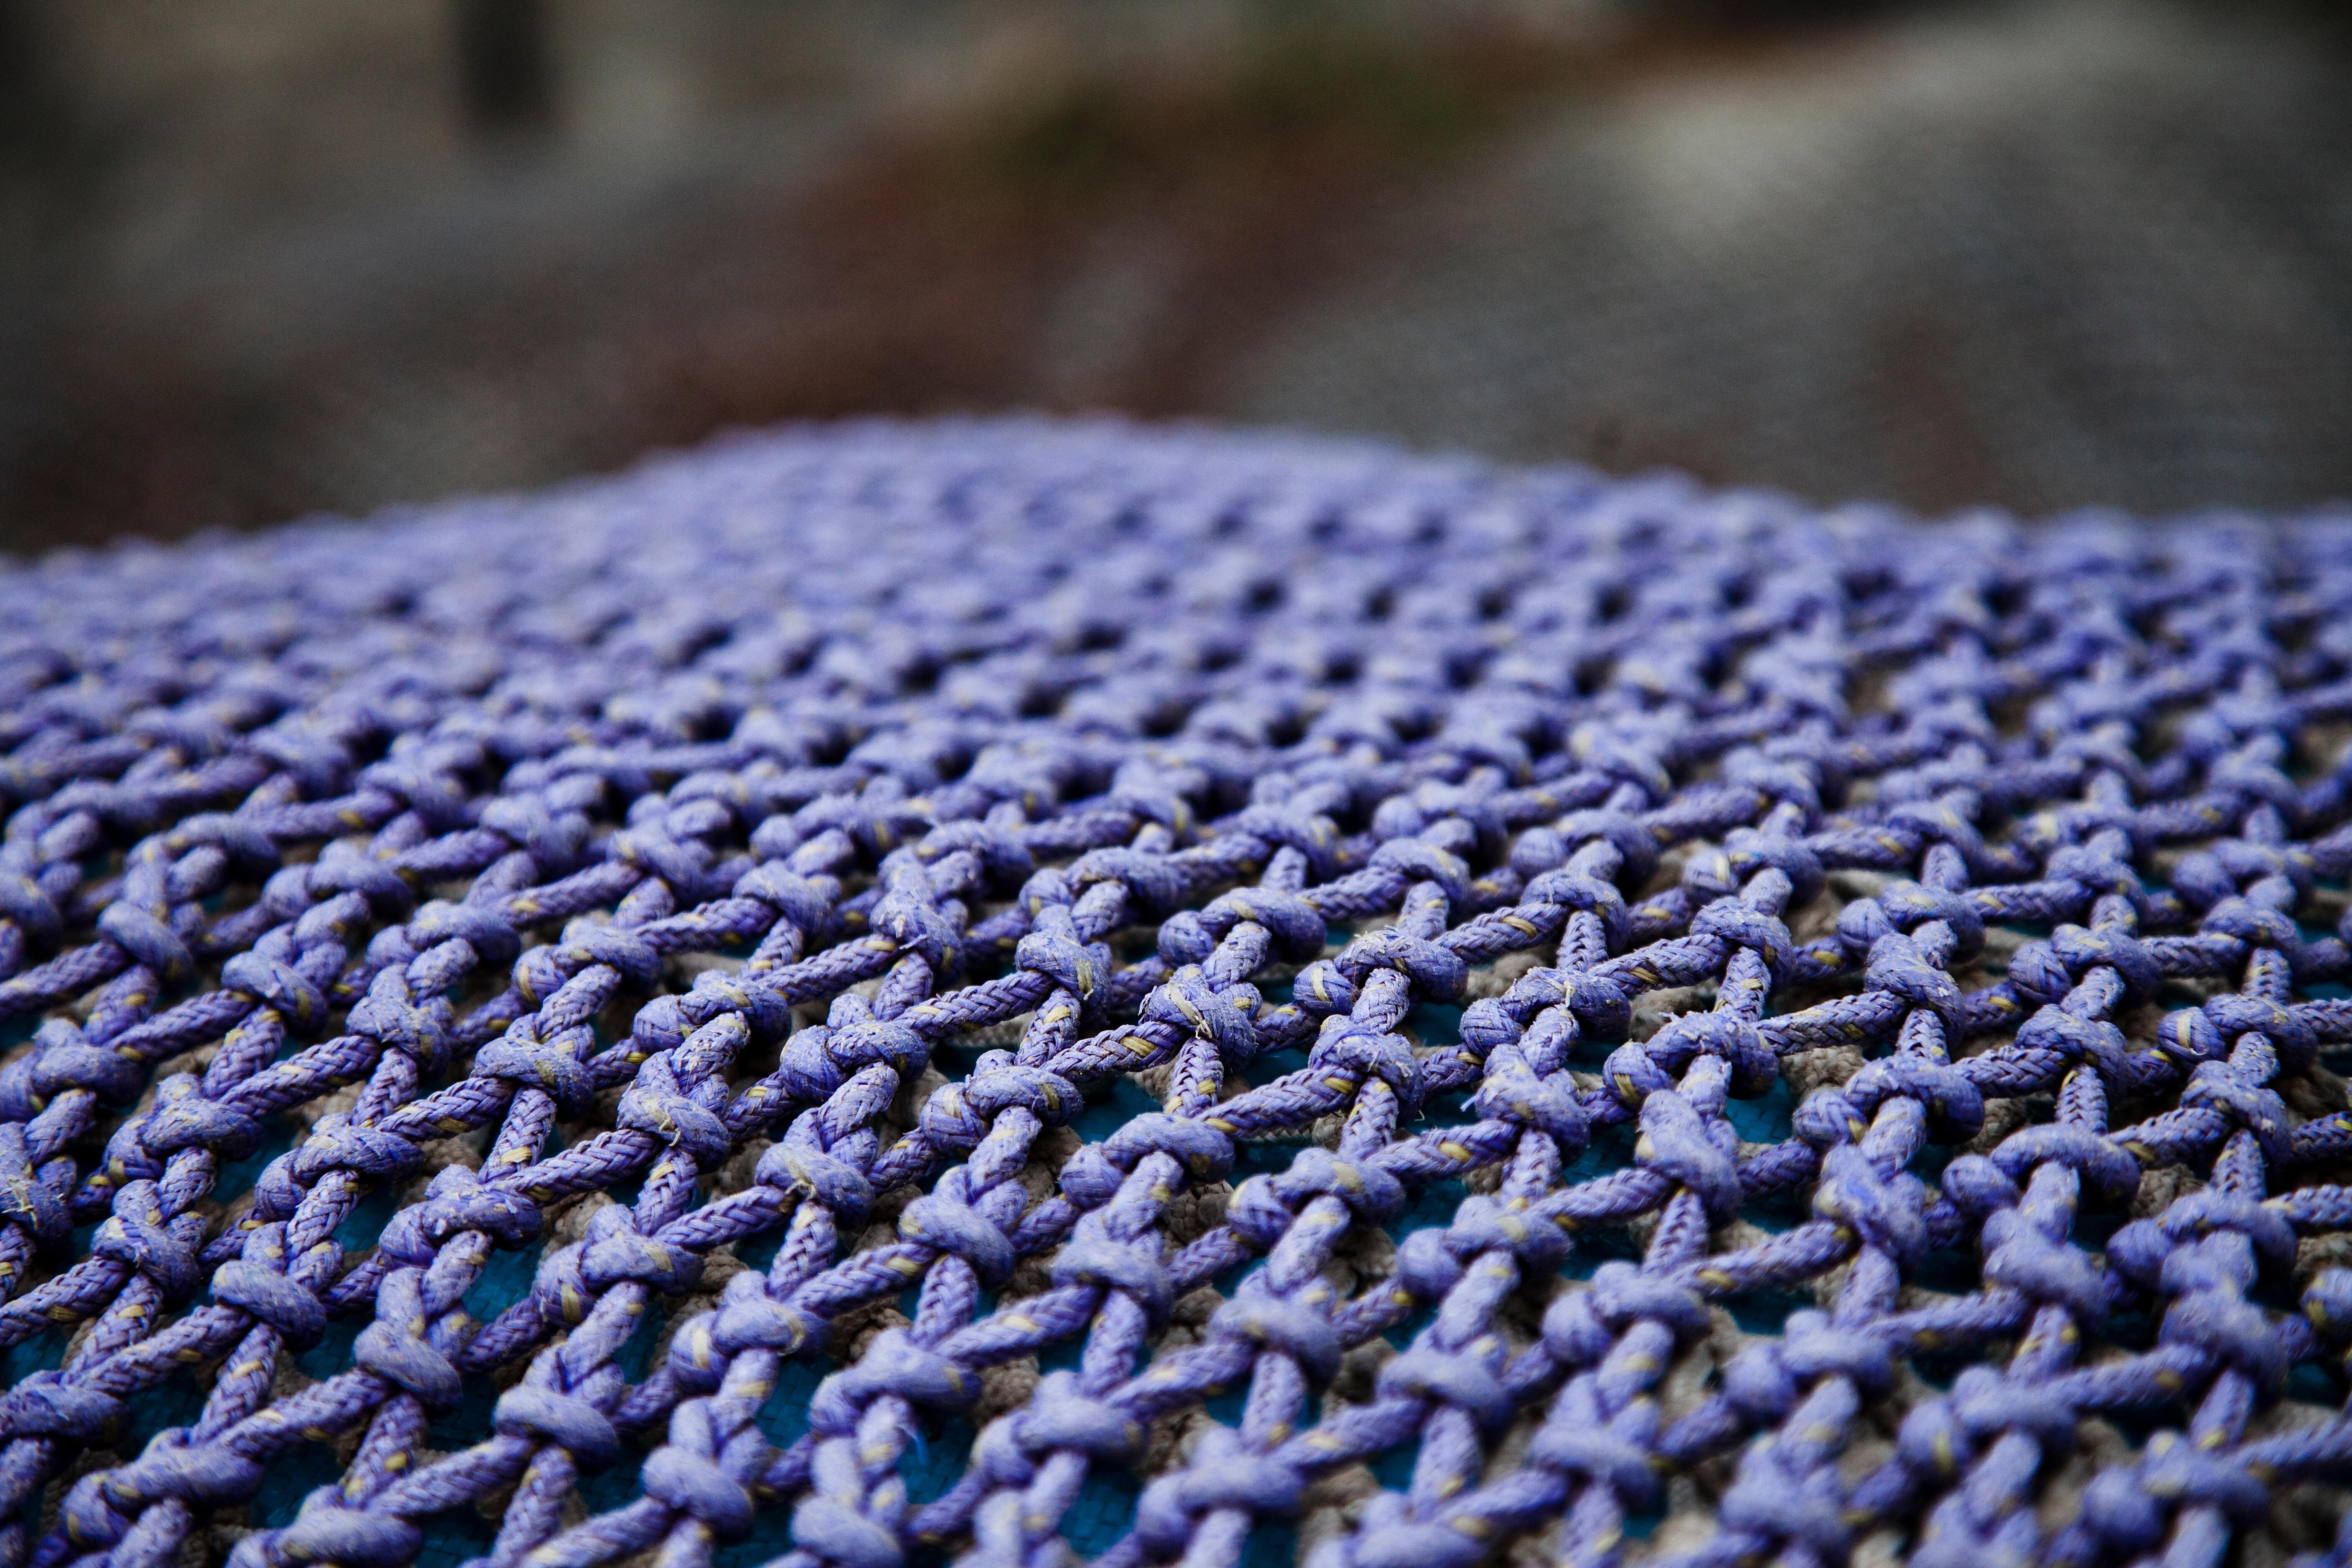 998a724dade0 textúra vzor Modrá vlna materiál háčkovanie pletenie textilné umenie  koberec podlaha